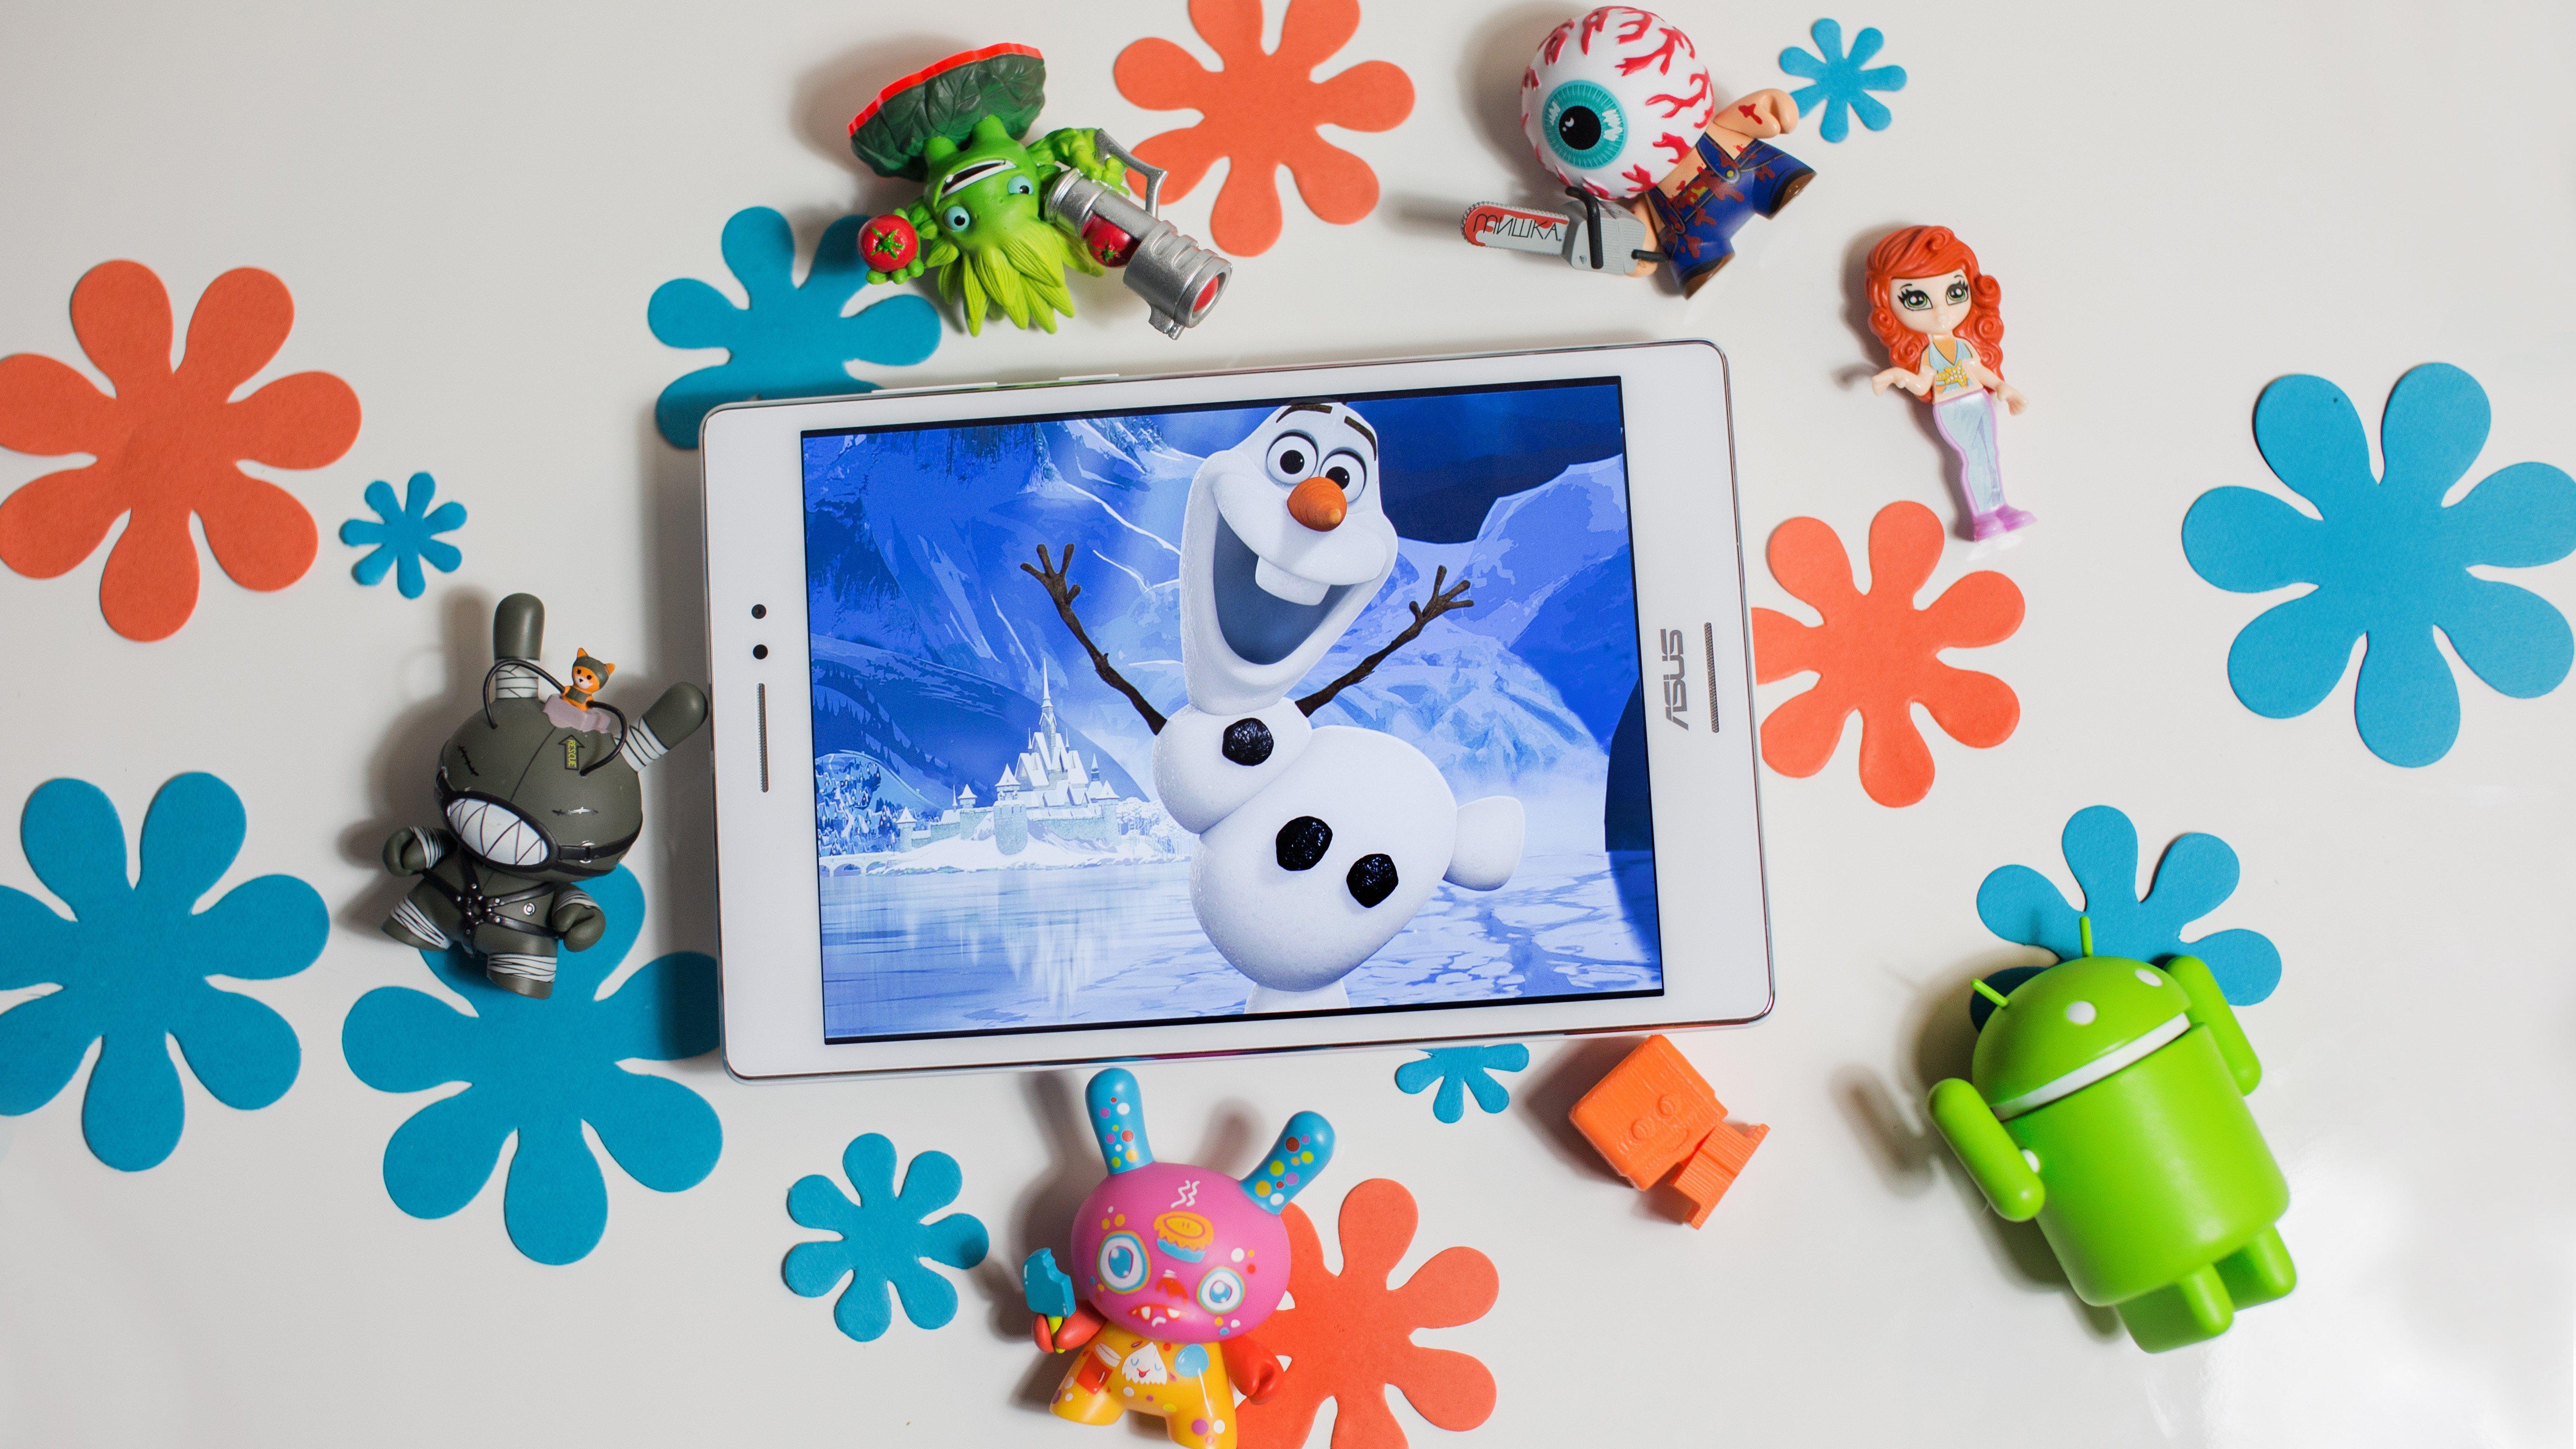 Las mejores aplicaciones educativas para niños | AndroidPIT